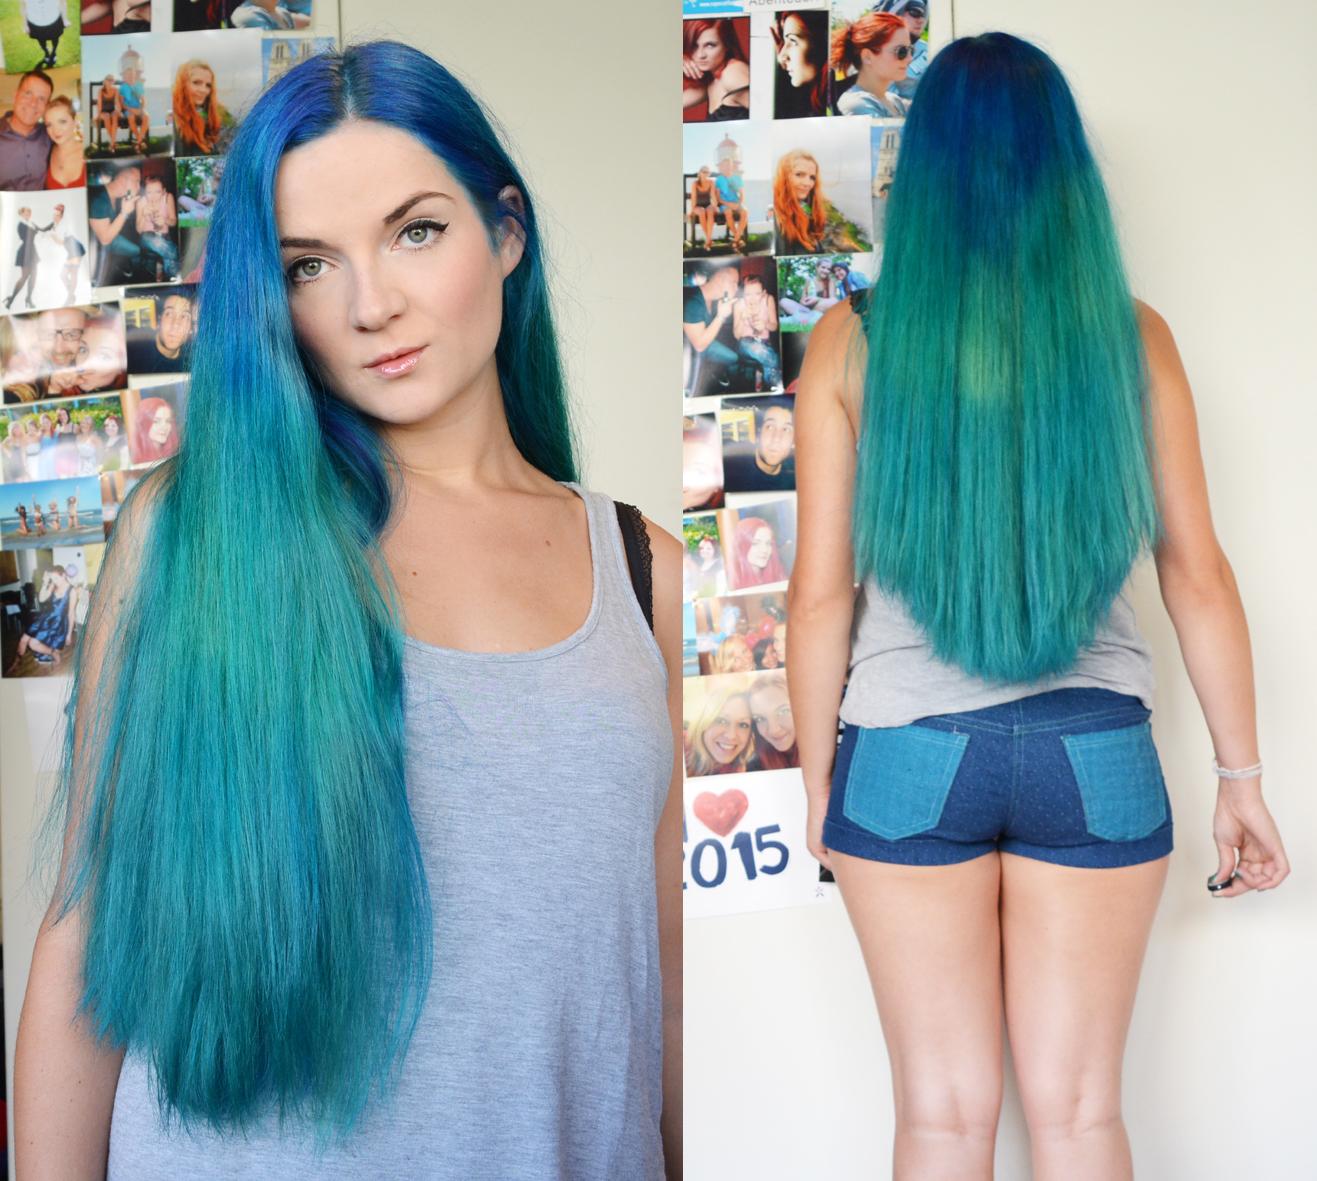 Fr.Ausverkauft!: Mittwochs mag ich - blaue Haare!